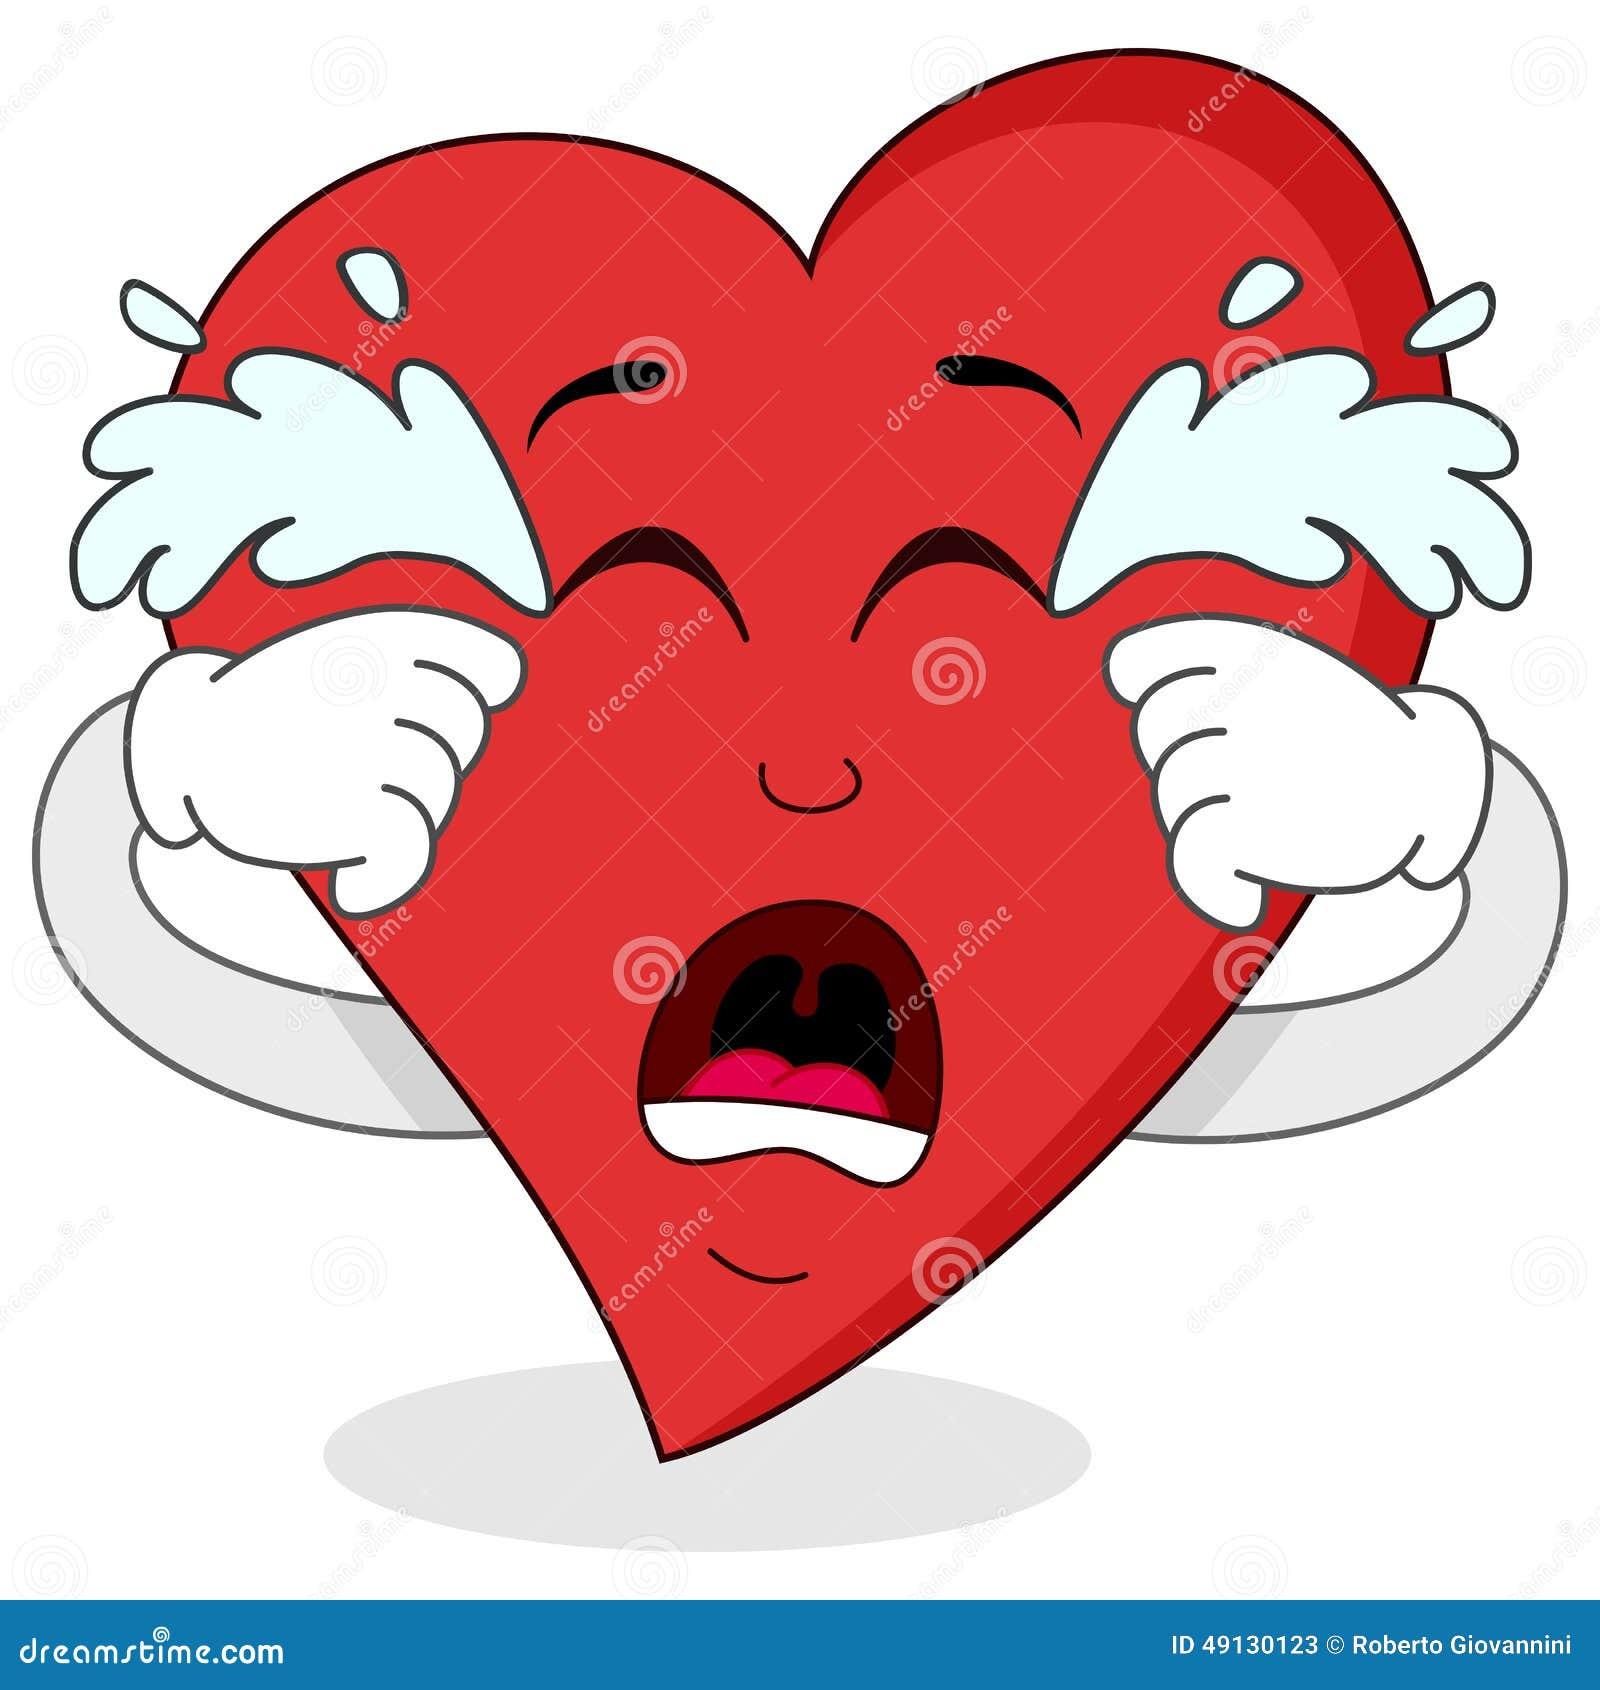 Personaje De Dibujos Animados Rojo Gritador Triste Del Corazón